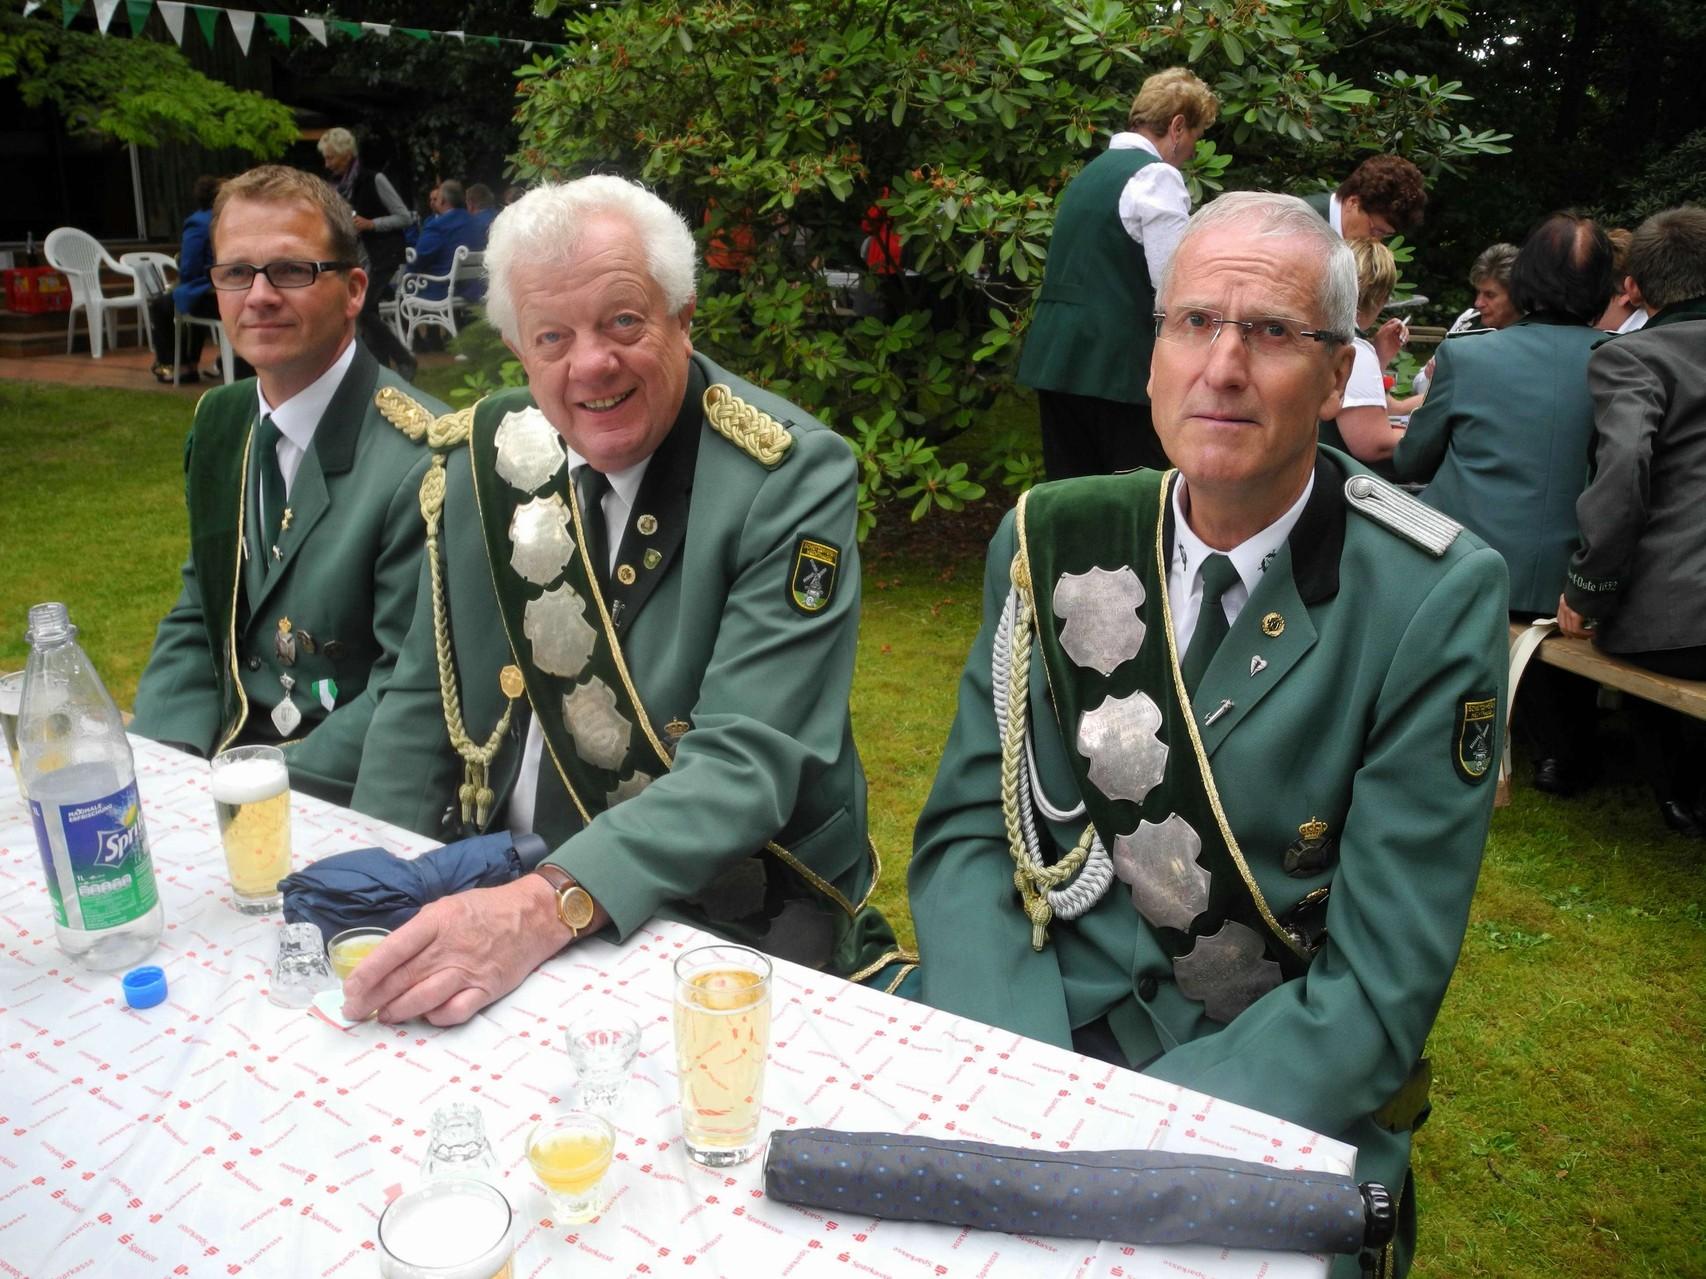 Bannerträger aus Hechthausen